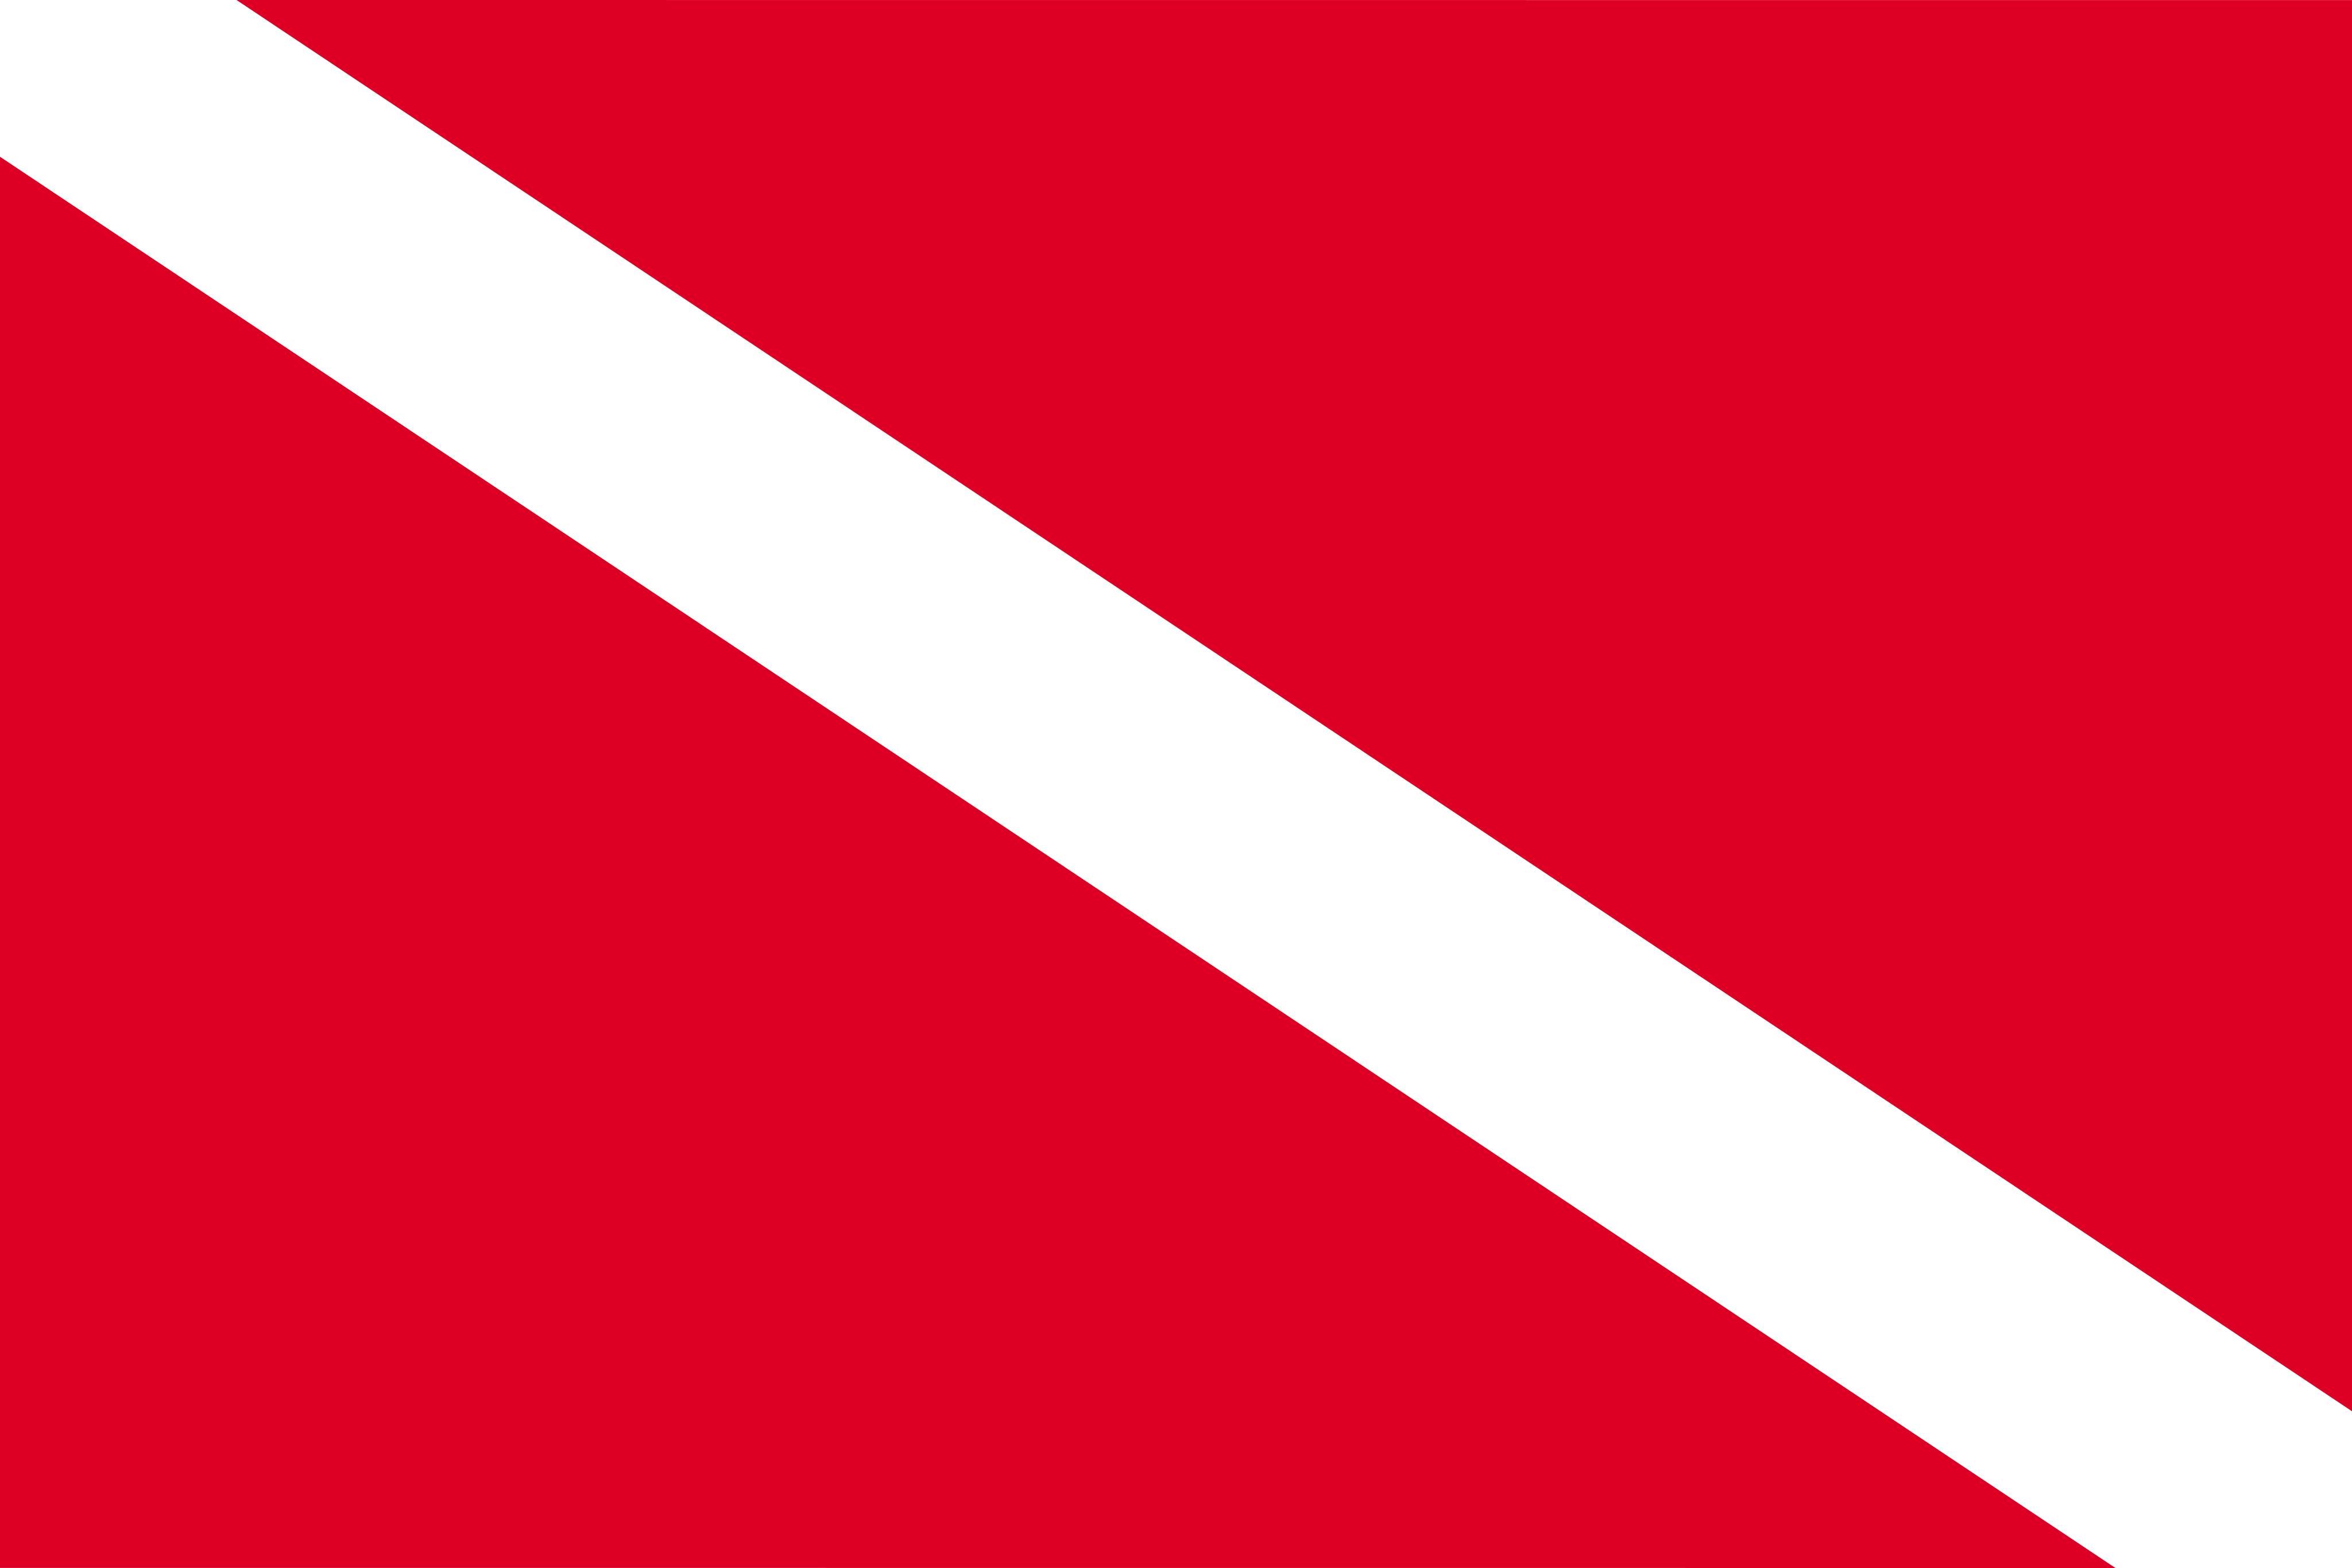 Bandeira de Mergulho PNG.